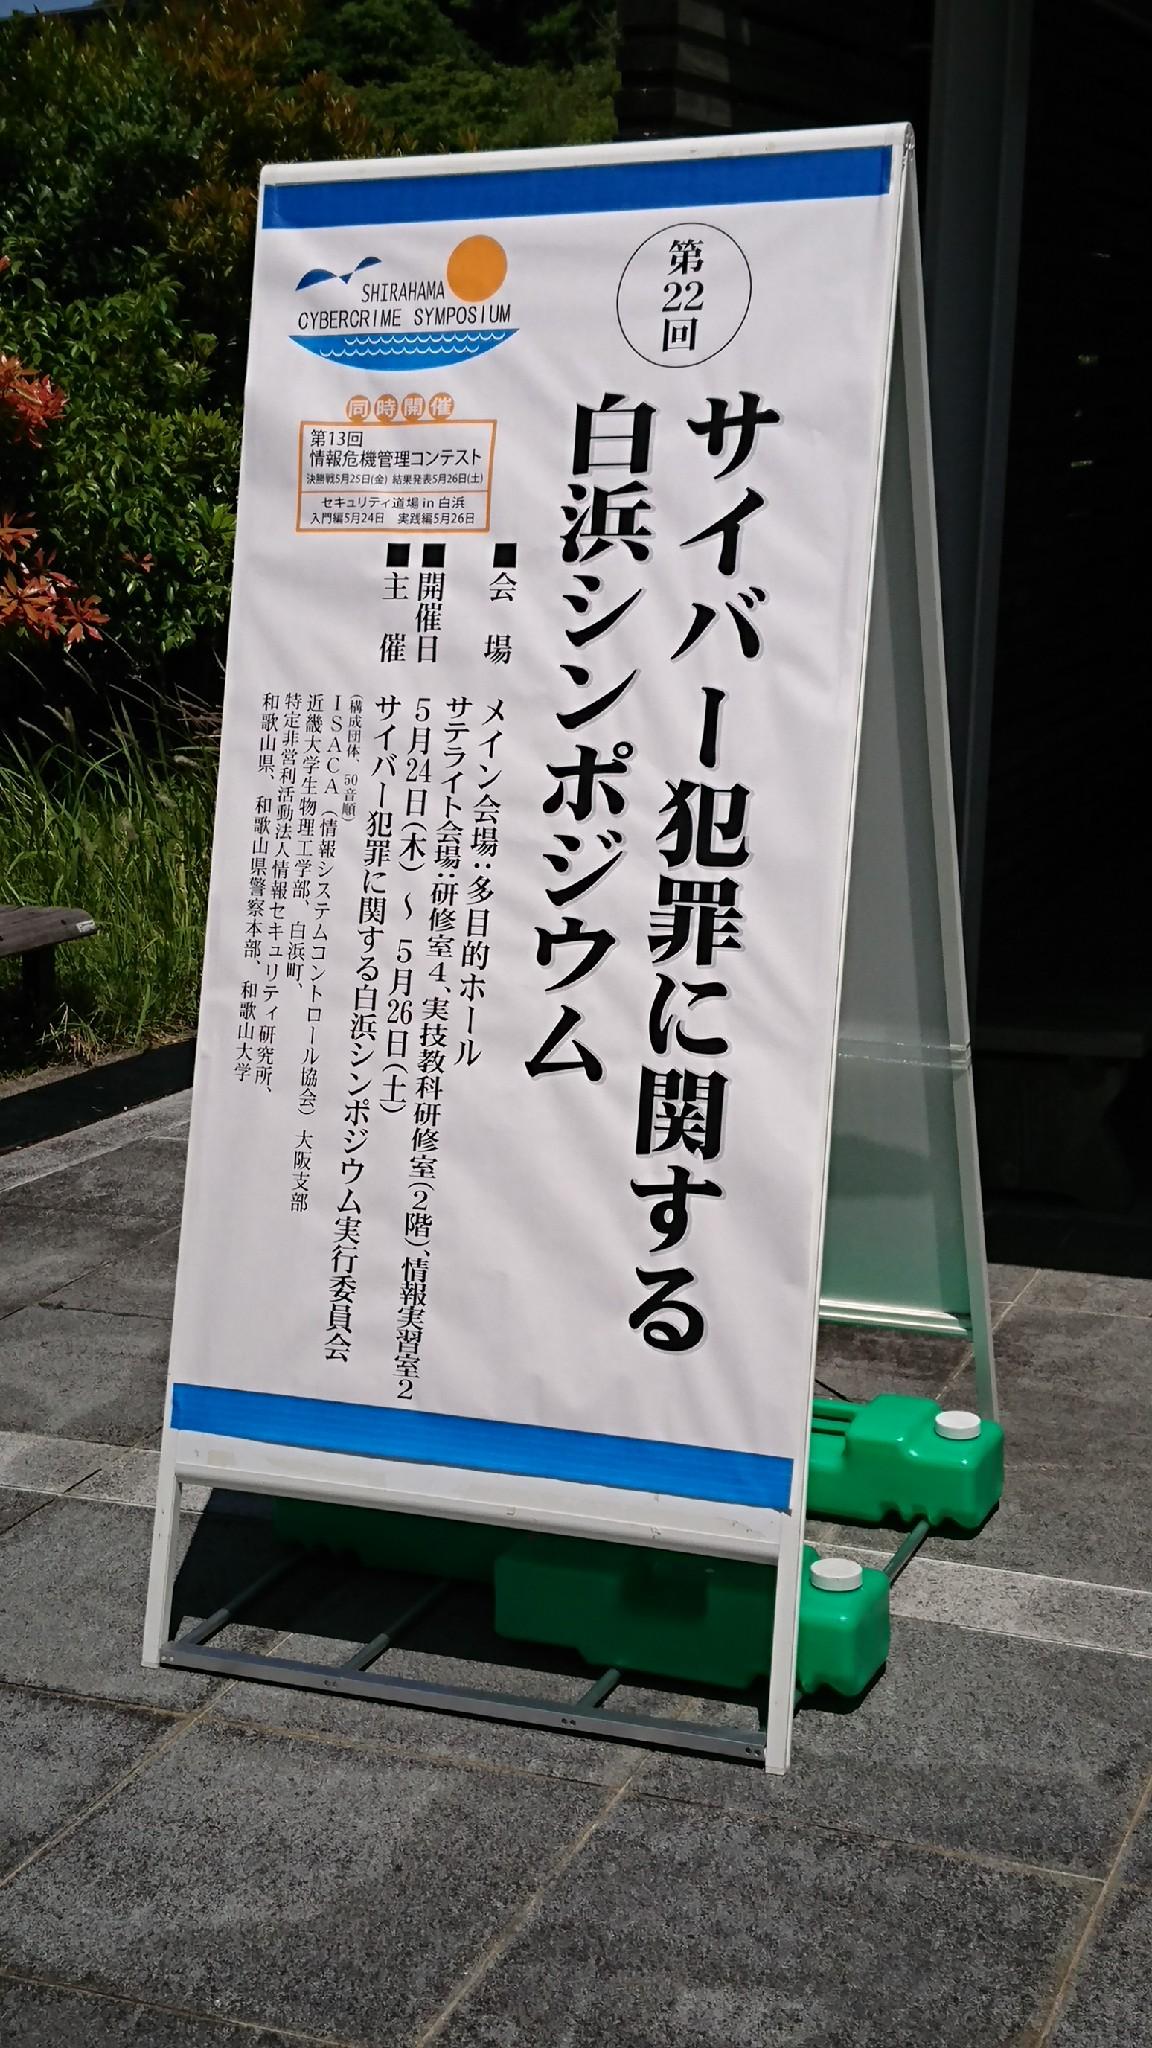 shirahama cyber crime symposium